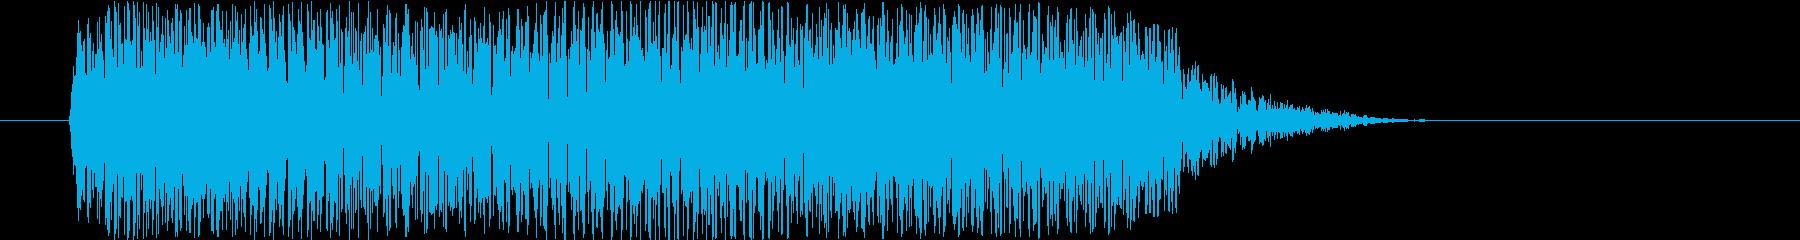 打撃 シンセトレーラーヒット04の再生済みの波形